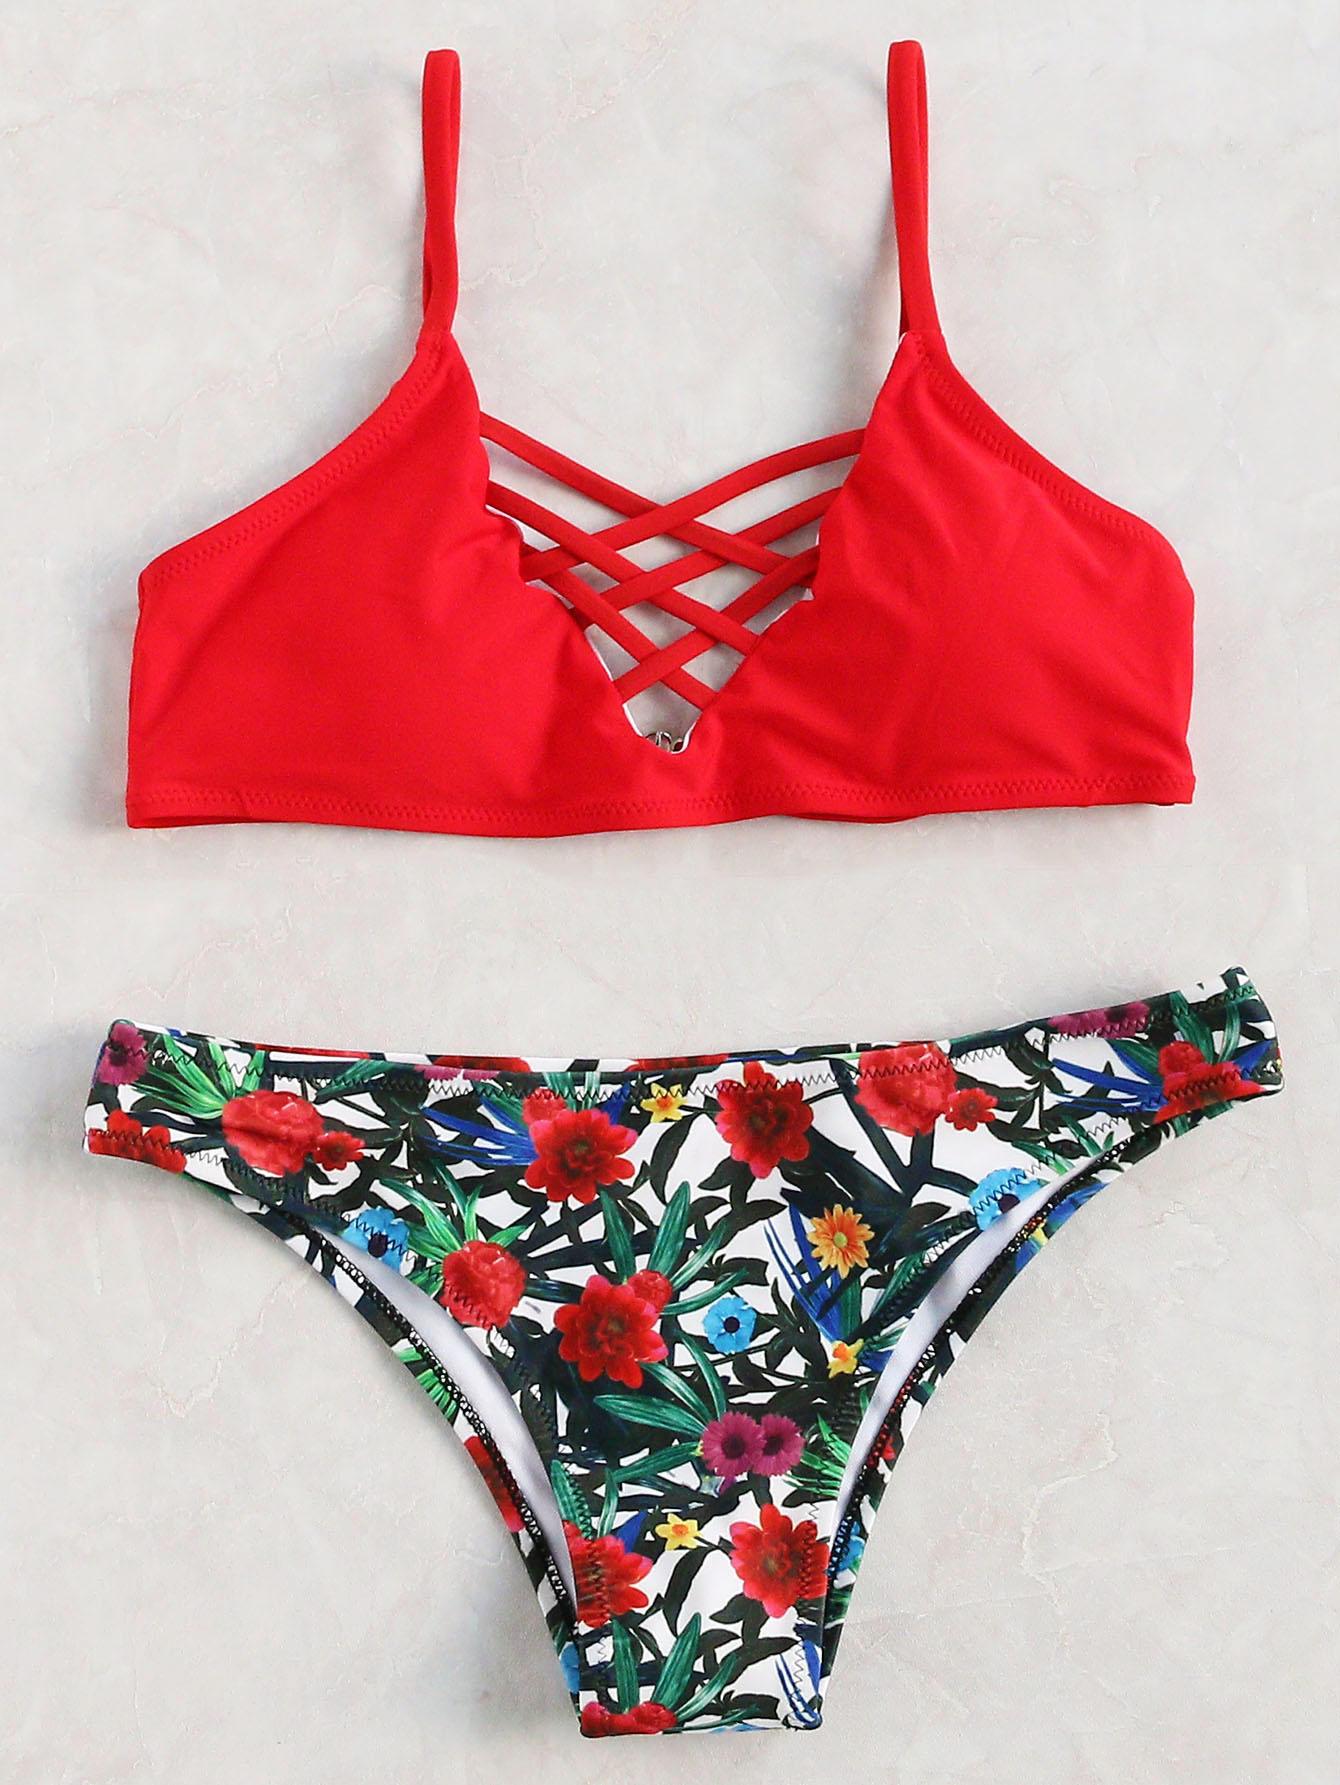 比基尼新款爆款纯色印花欧美外贸性感清仓分体女士泳衣